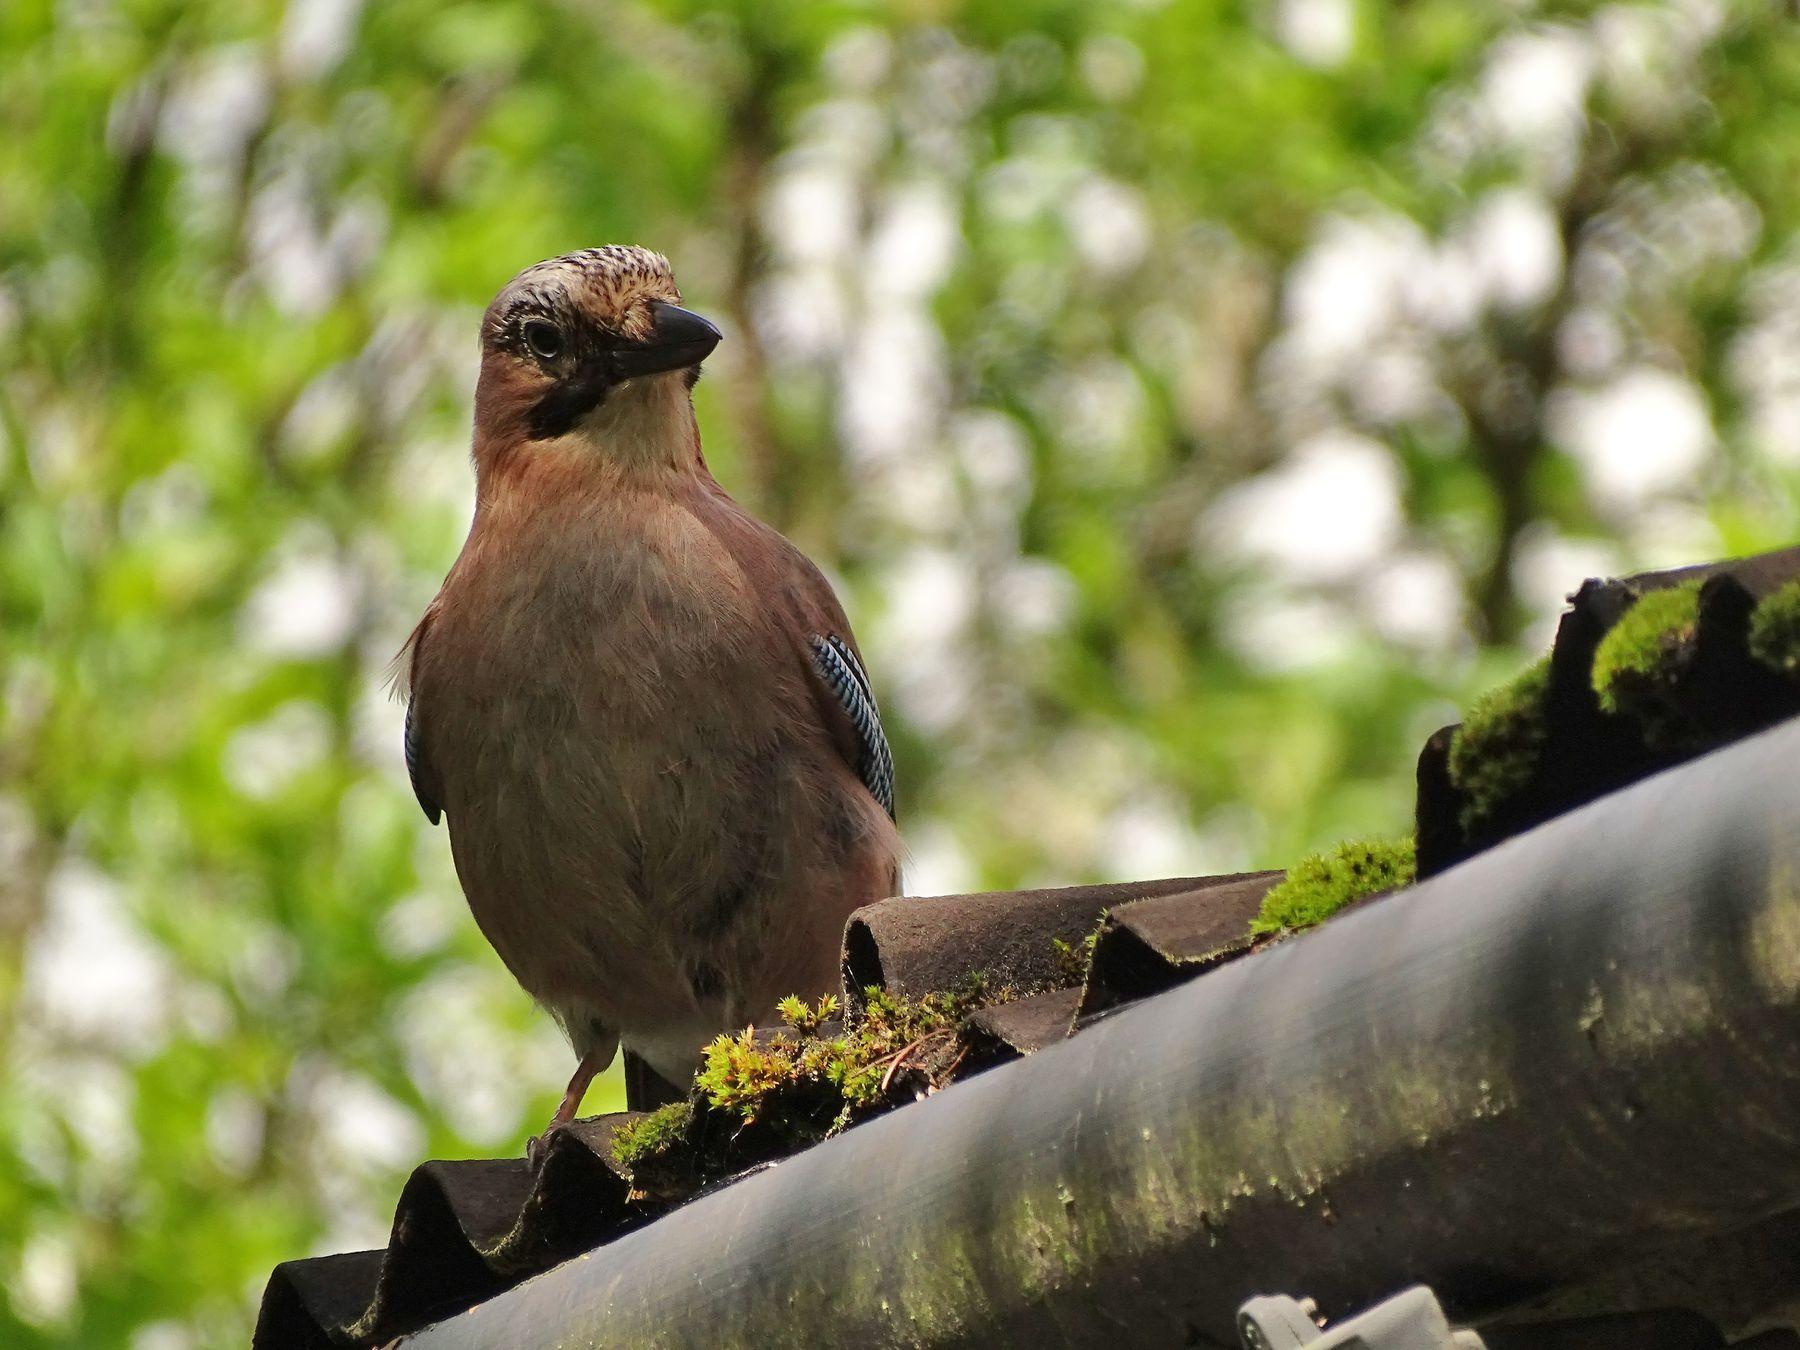 В гости сойка прилетела. животные природа птицы фауна